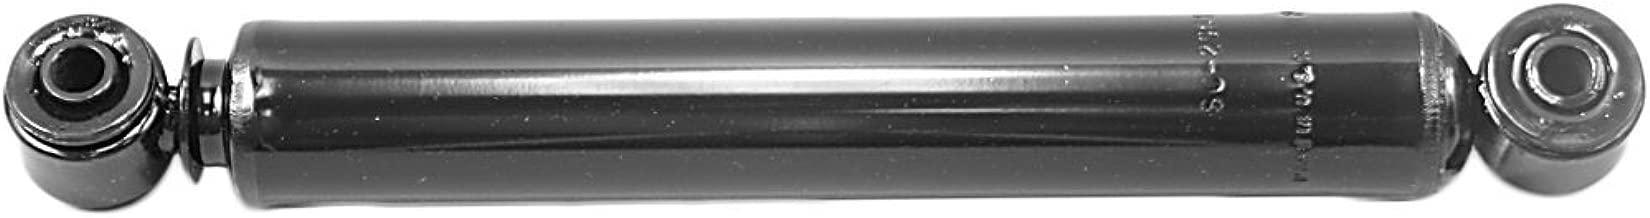 Monroe SC2961 Magnum Steering Damper